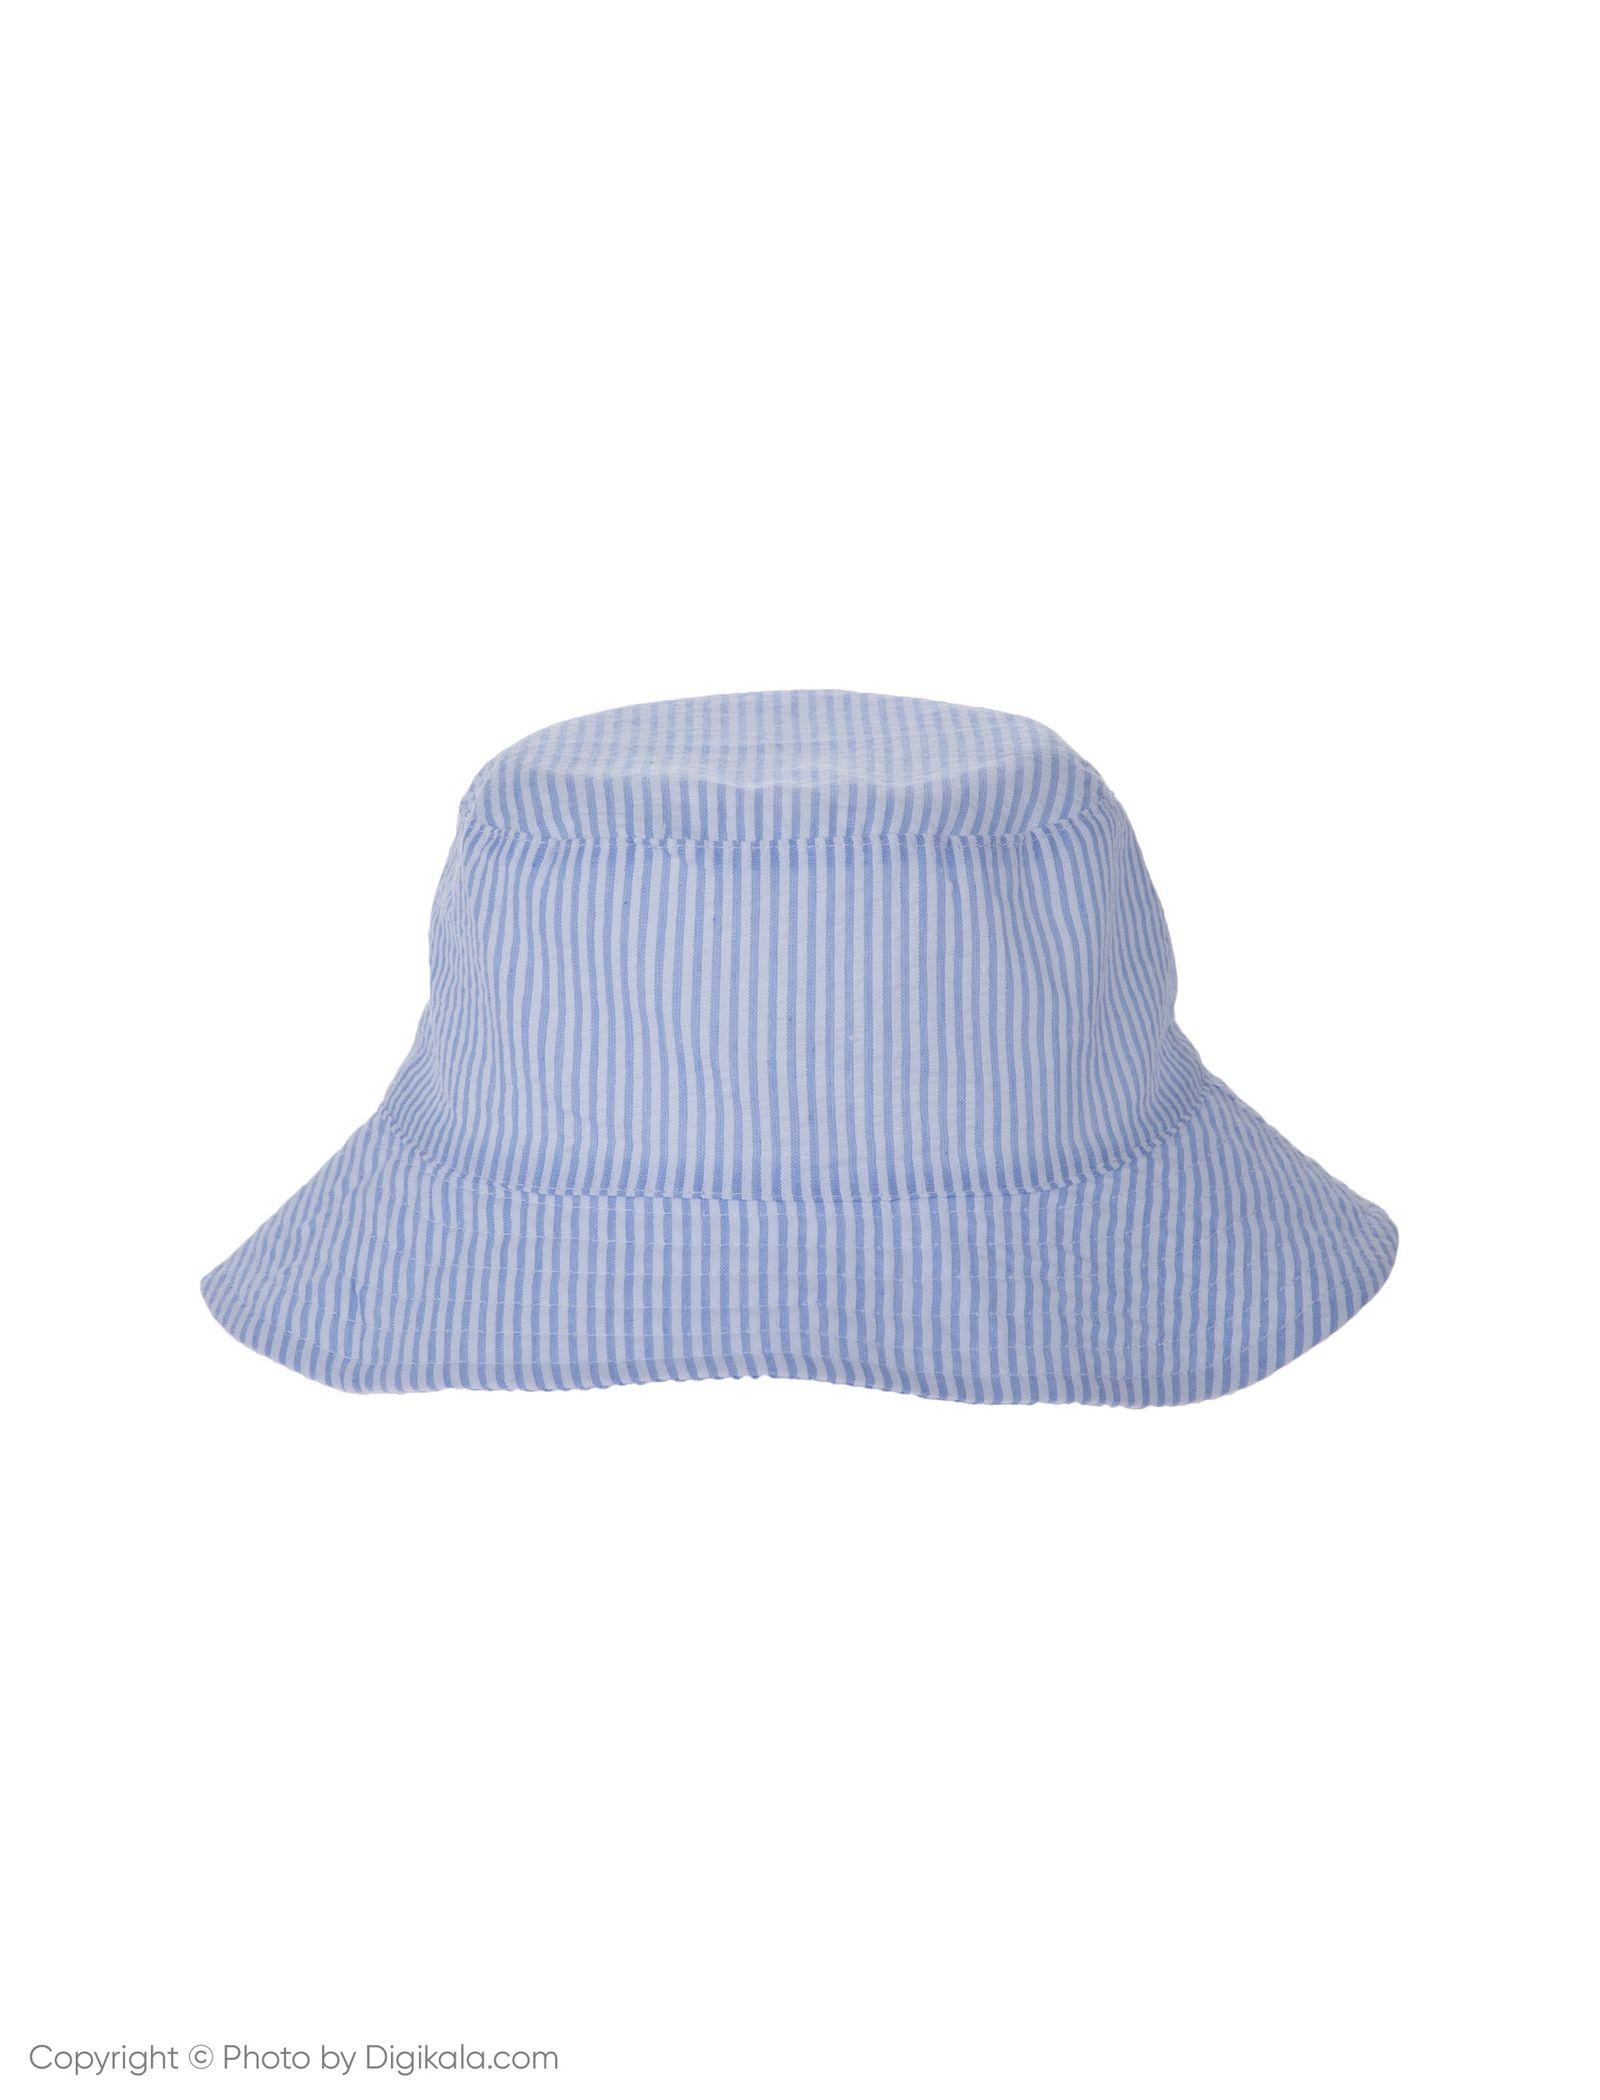 کلاه نخی ساحلی دخترانه - بلوکیدز - سفيد/آبي روشن - 2